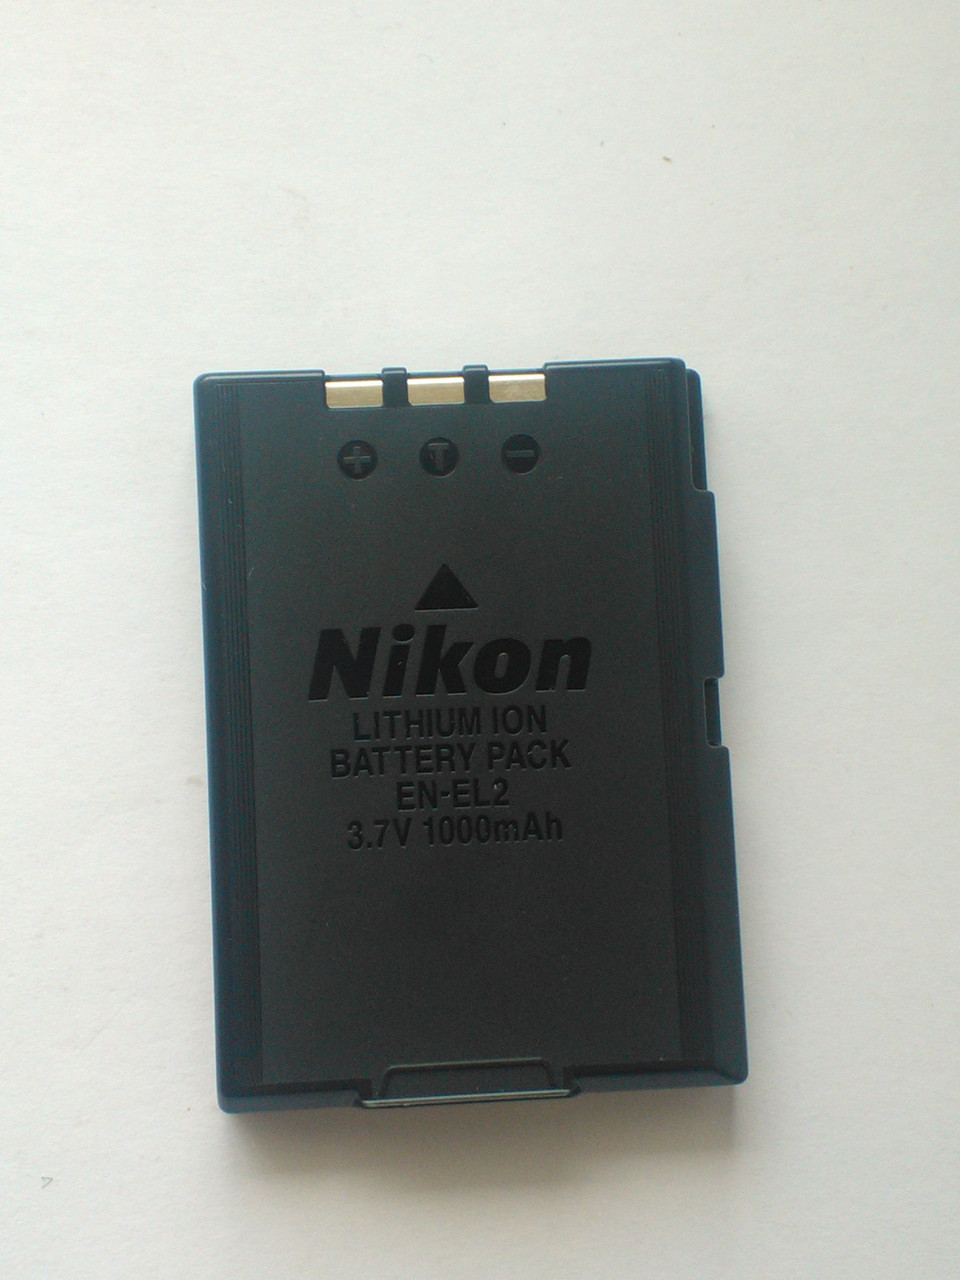 Аккумуляторы EN-EL2 (аналог) на Nikon CoolPix 2500/3500/500/ SQАккумуляторы EN-EL2  на Nikon  CoolPix  2500/